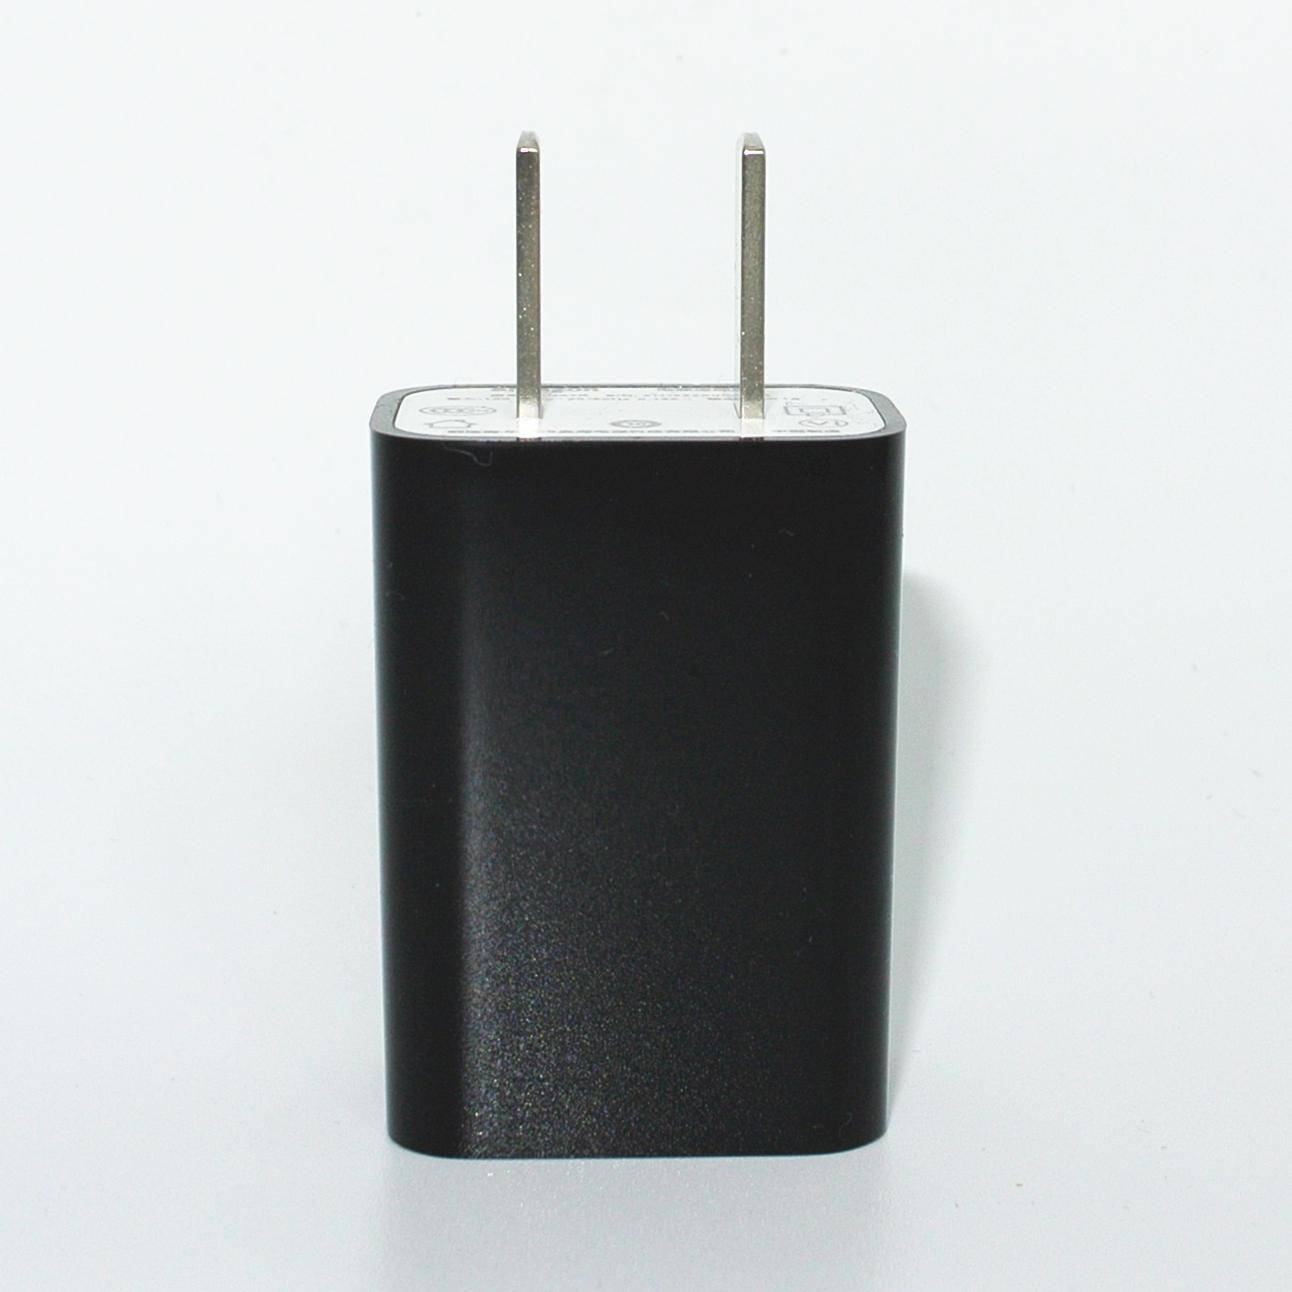 Amazon оригинальная батарея 5V1A подходит для электричество бумага книга квартира зарядки мобильных телефонов